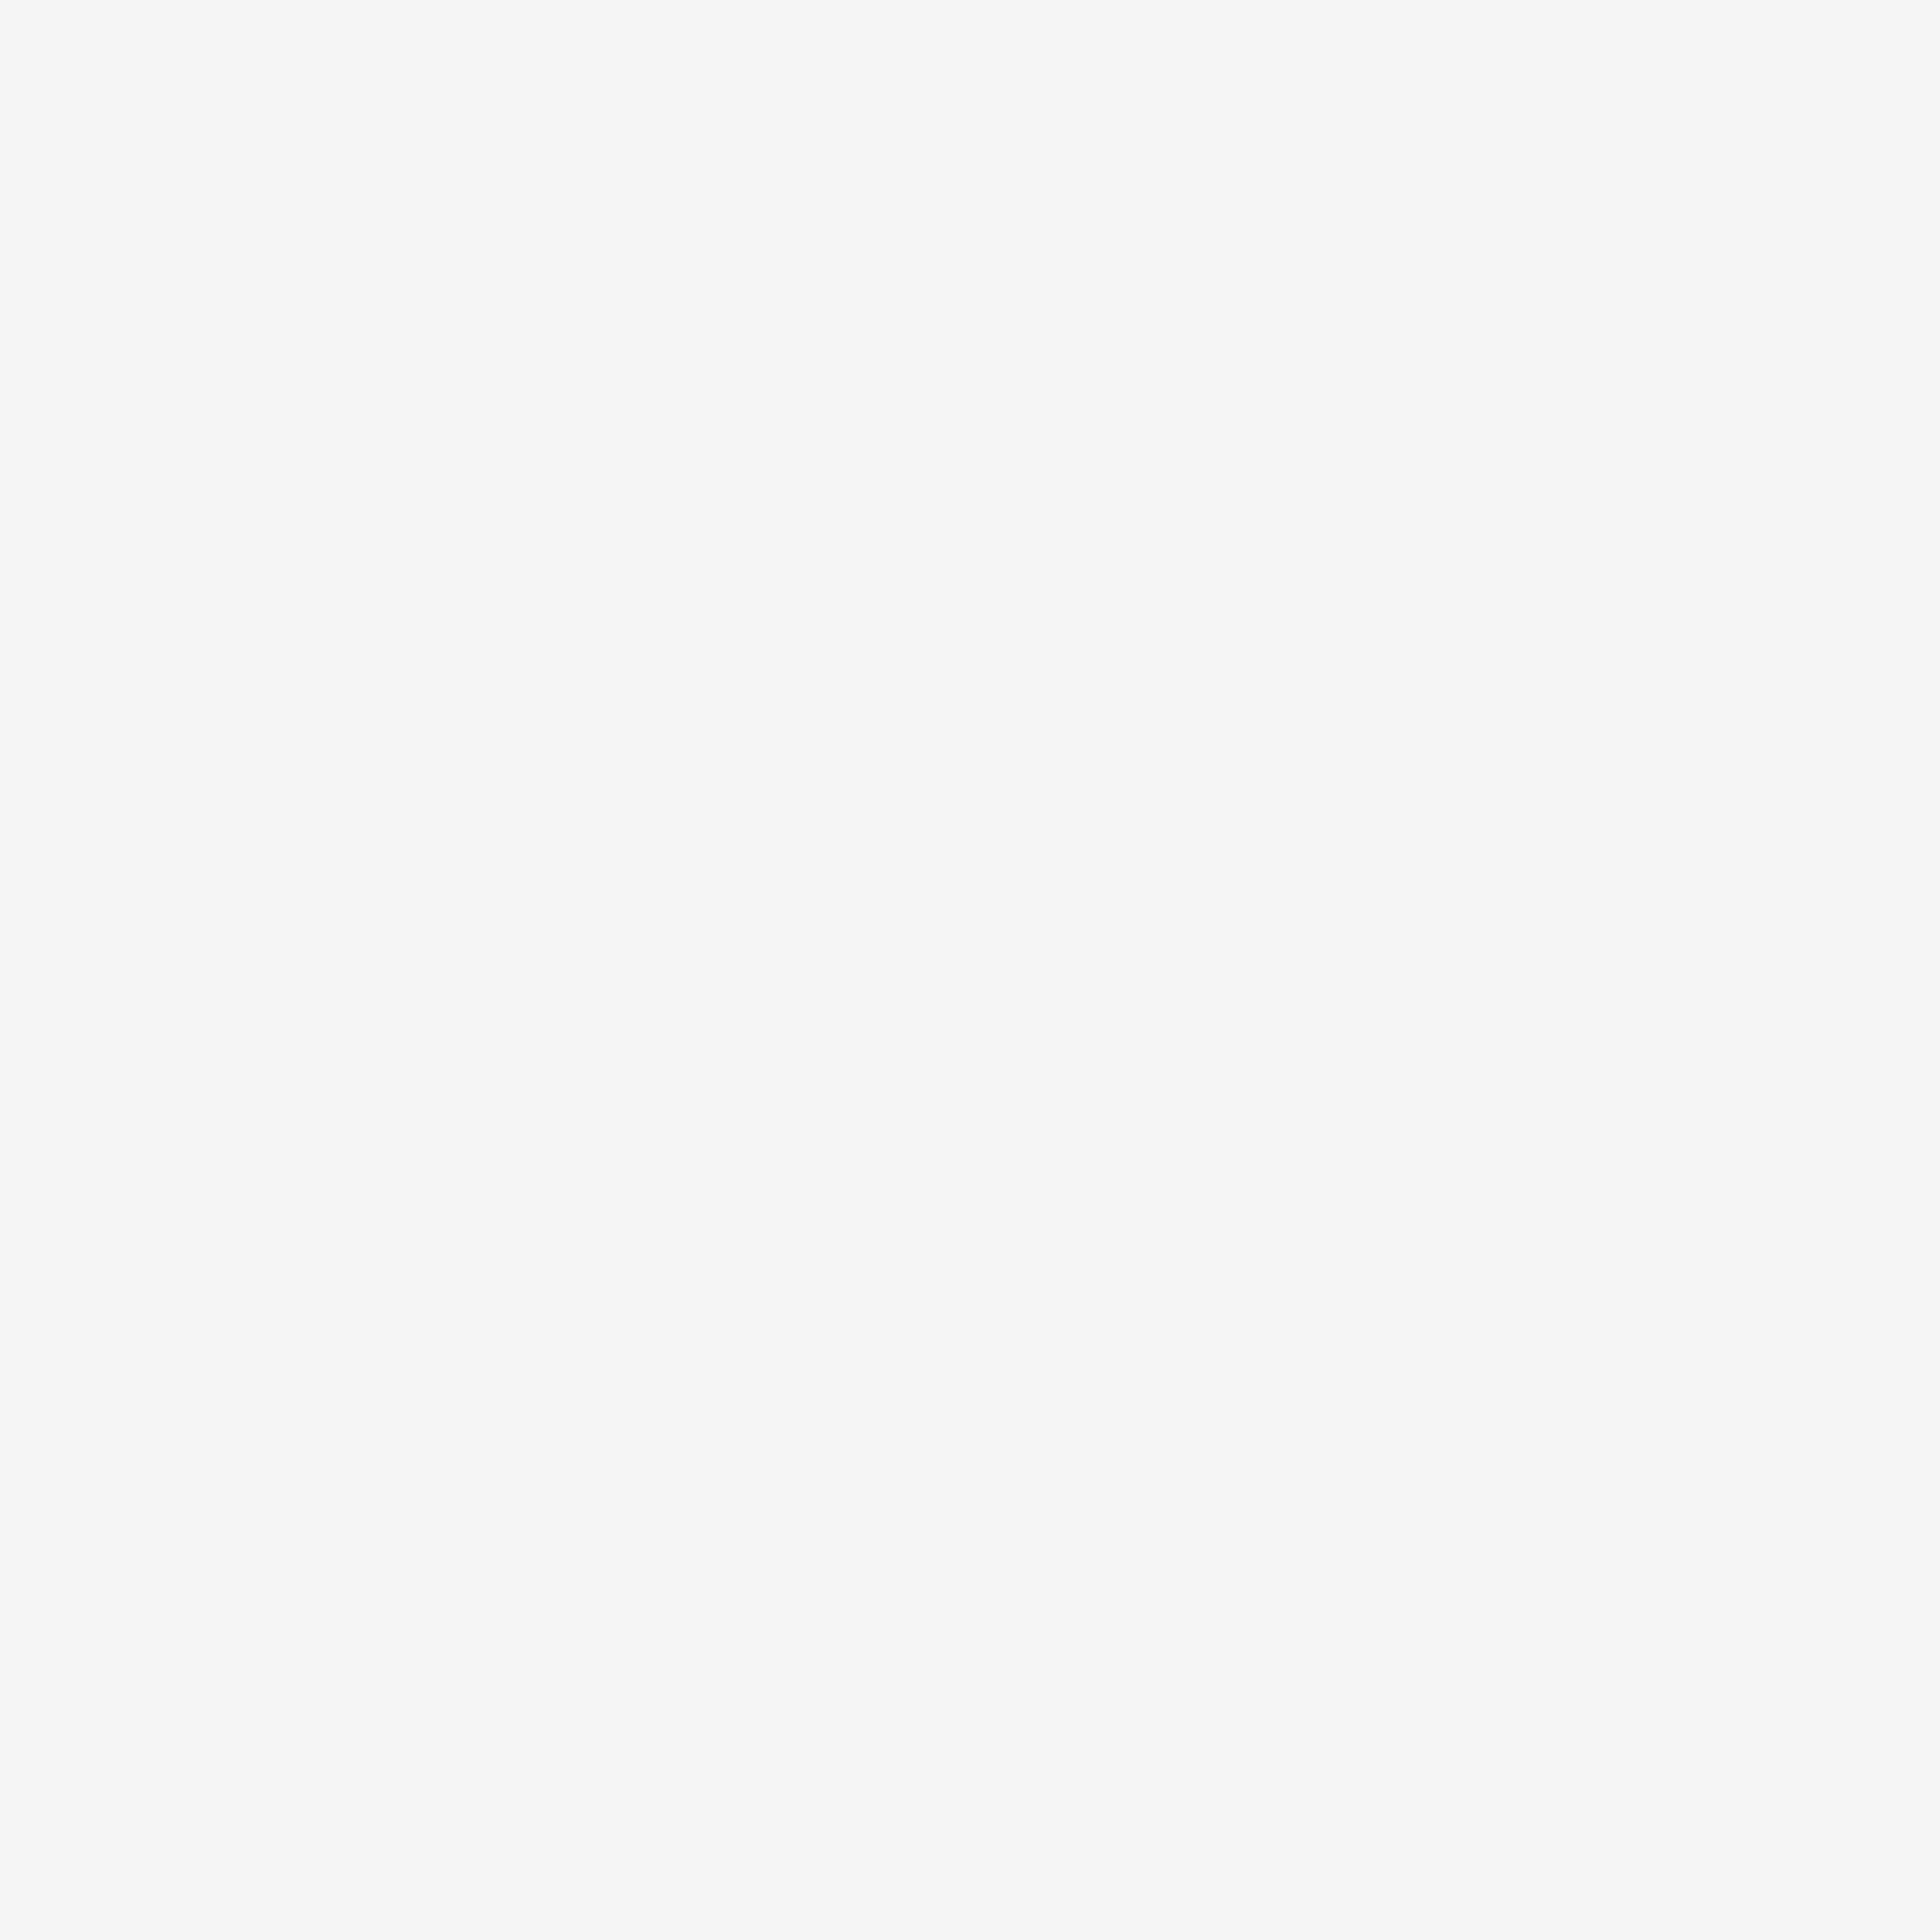 Napapijri jas jacket Dames Jassen | KLEDING.nl